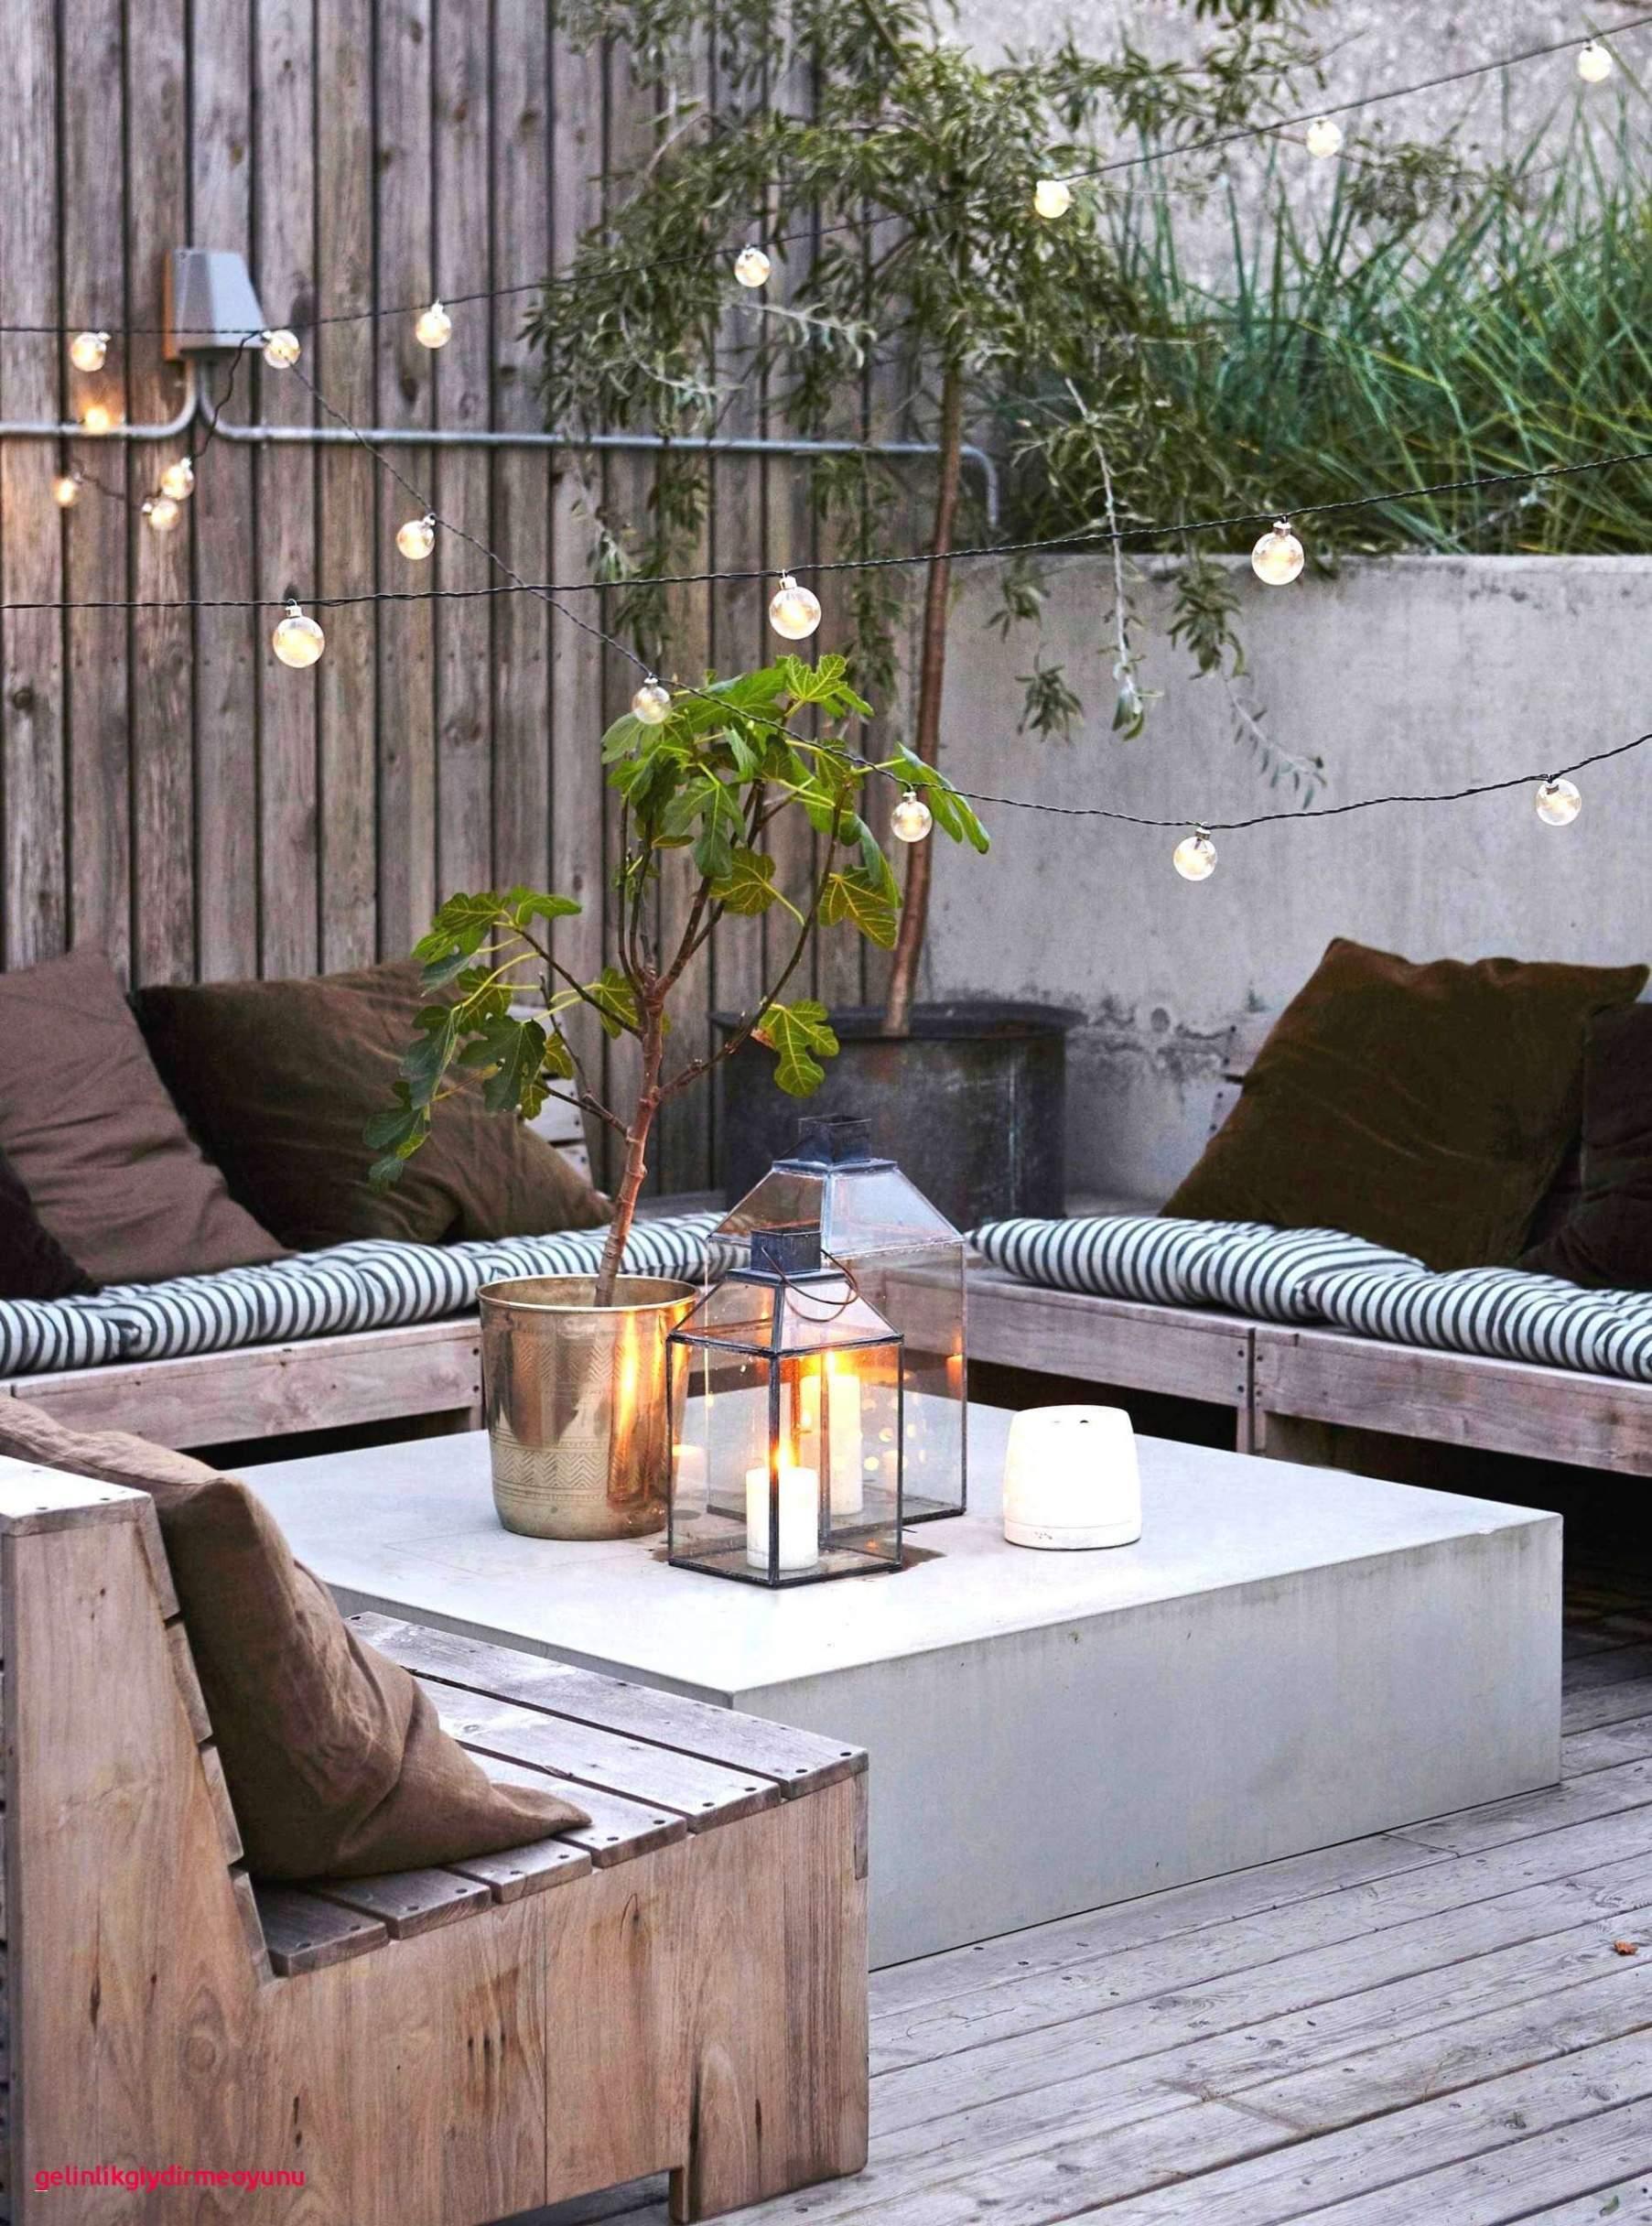 45 einzigartig gelander aluminium bilder wandschutz fur stuhle wandschutz fur stuhle